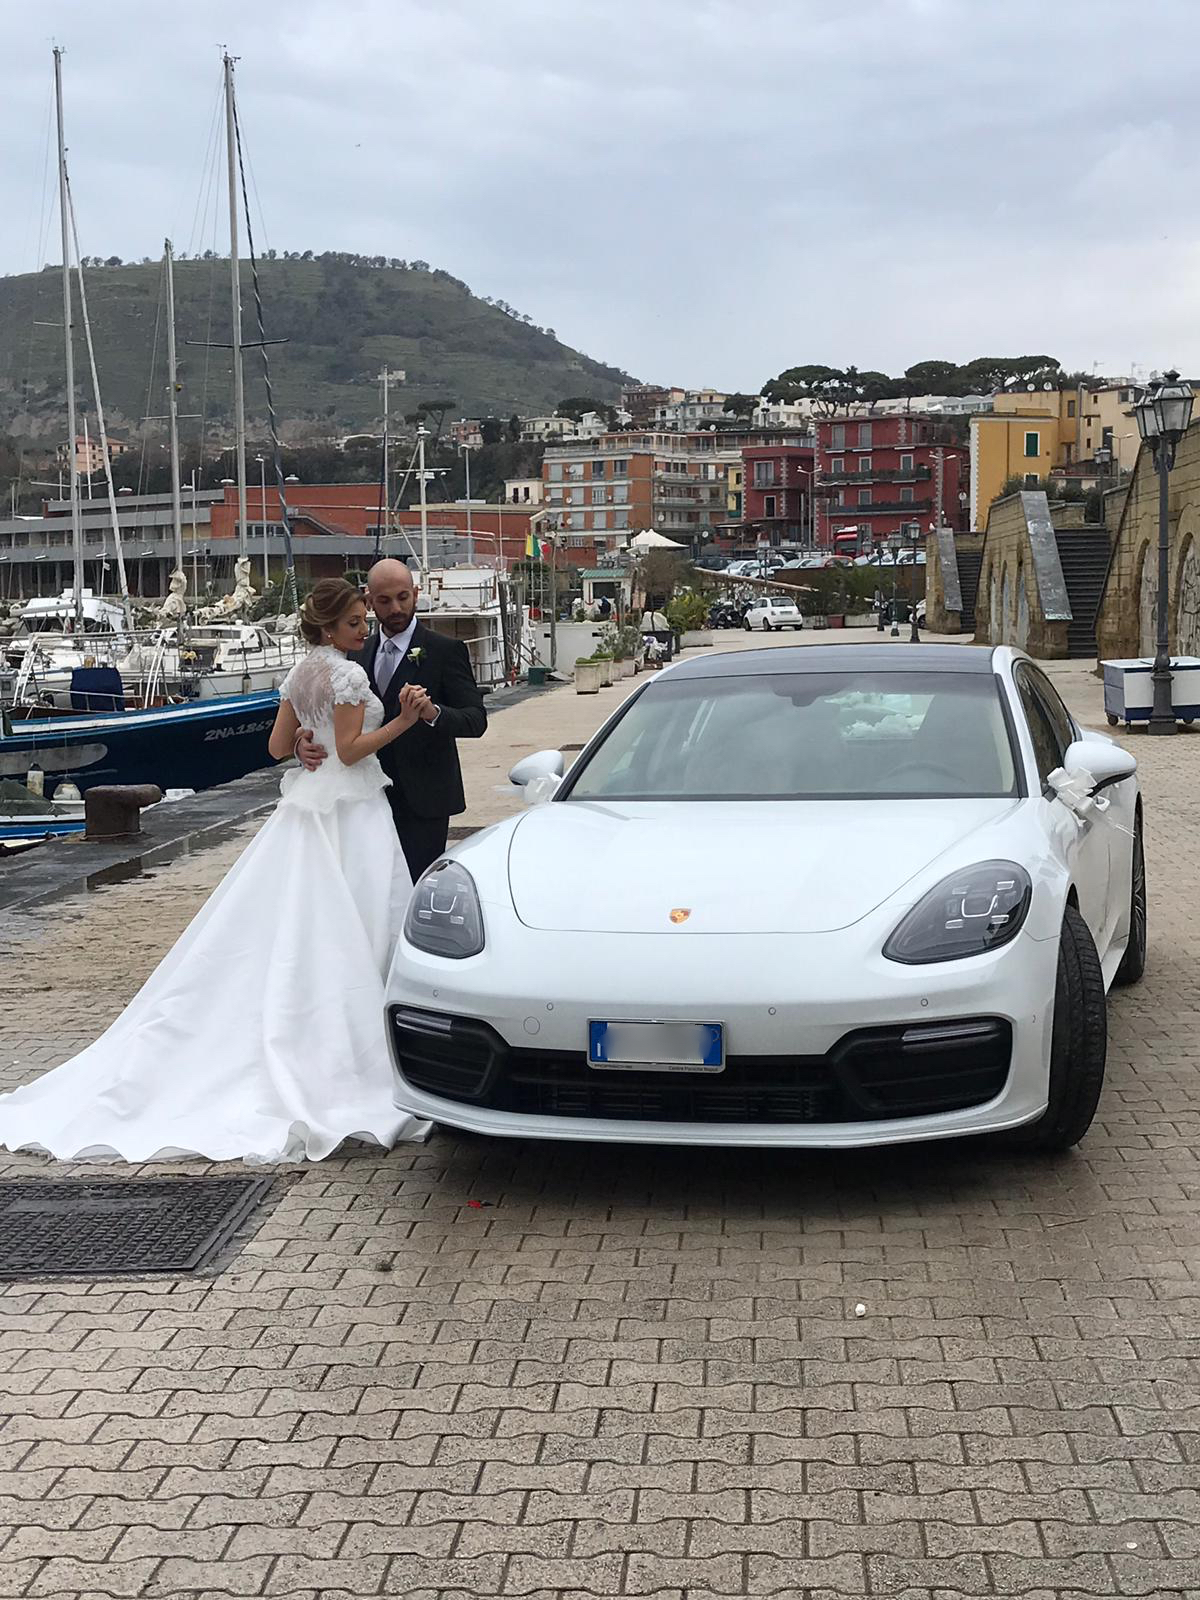 L'auto in foto è l'ultimo modello dellla Porsche Panamera. In particolare in foto c'e l'auto insieme ai nostri sposi che ci hanno scelto per il loro giorno più bello